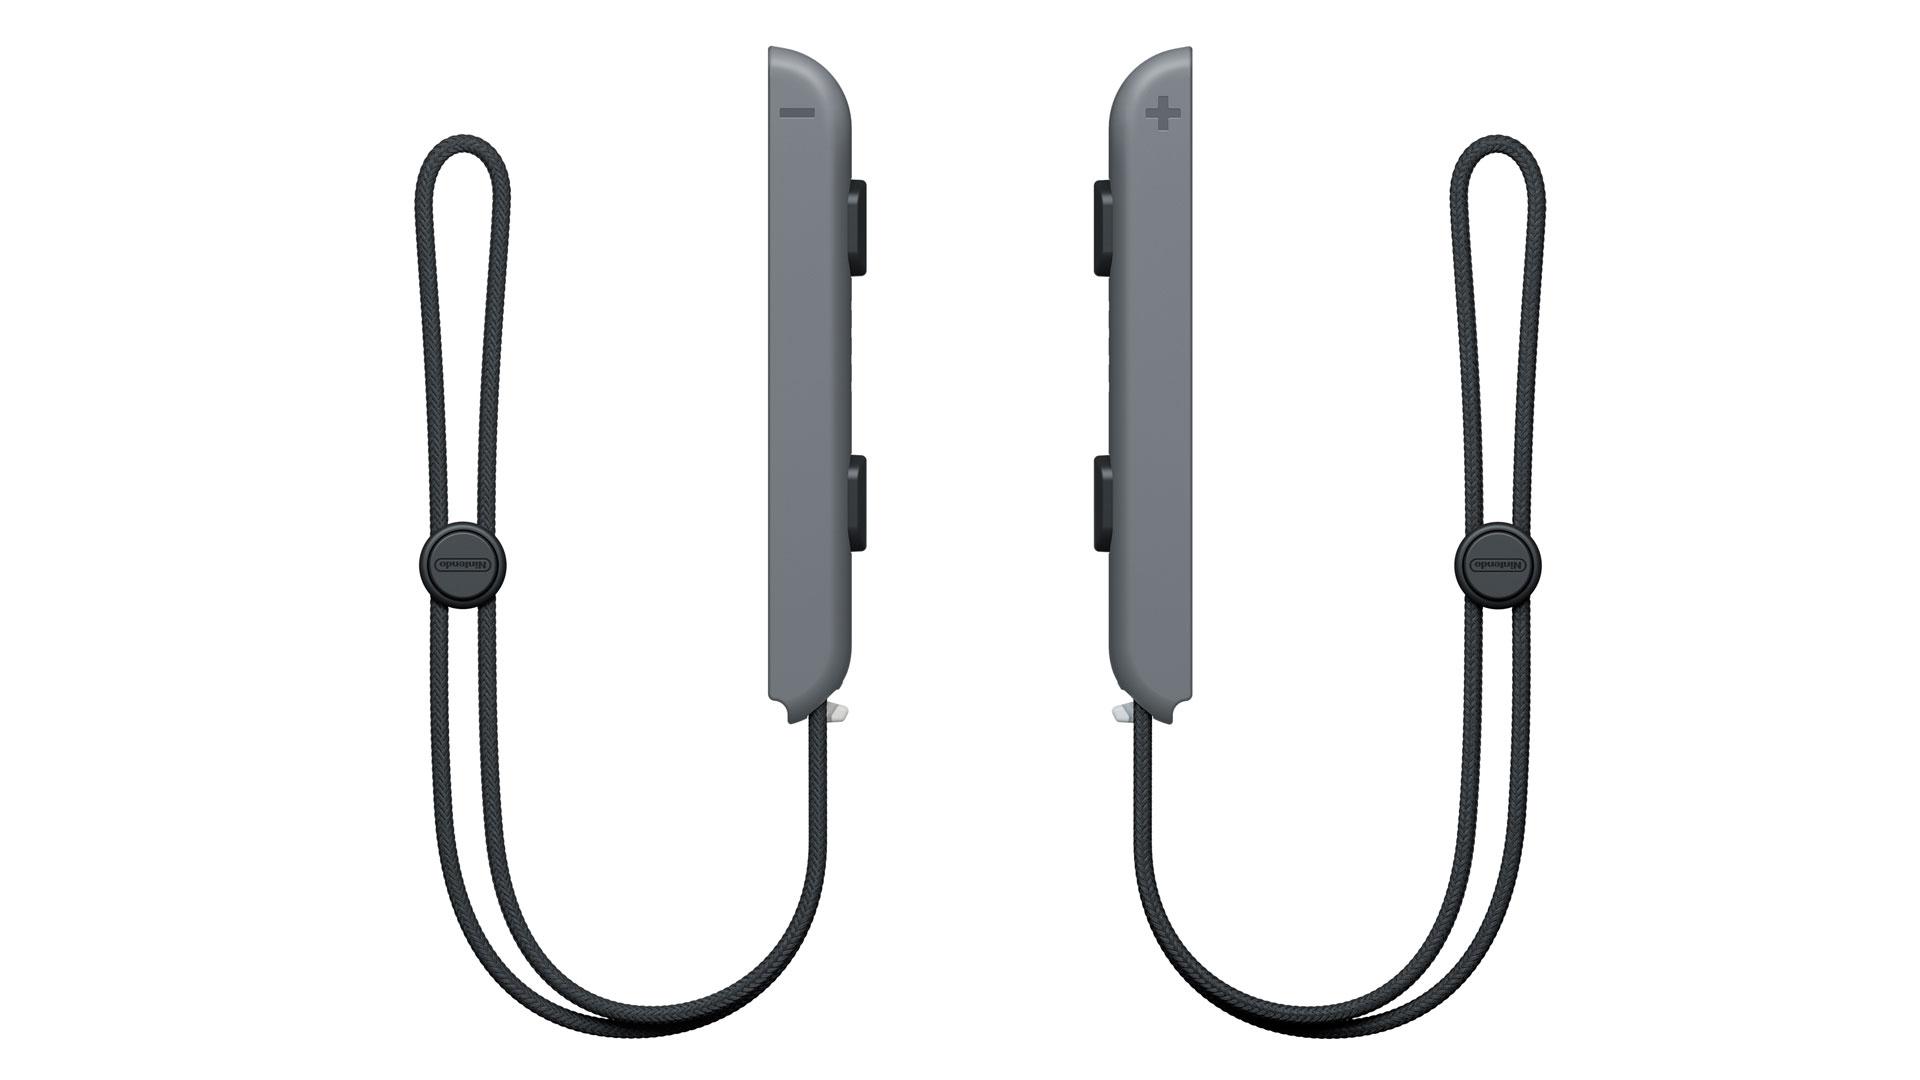 Nintendo switch gli accessori ufficiali for Eminflex singolo a 79 euro